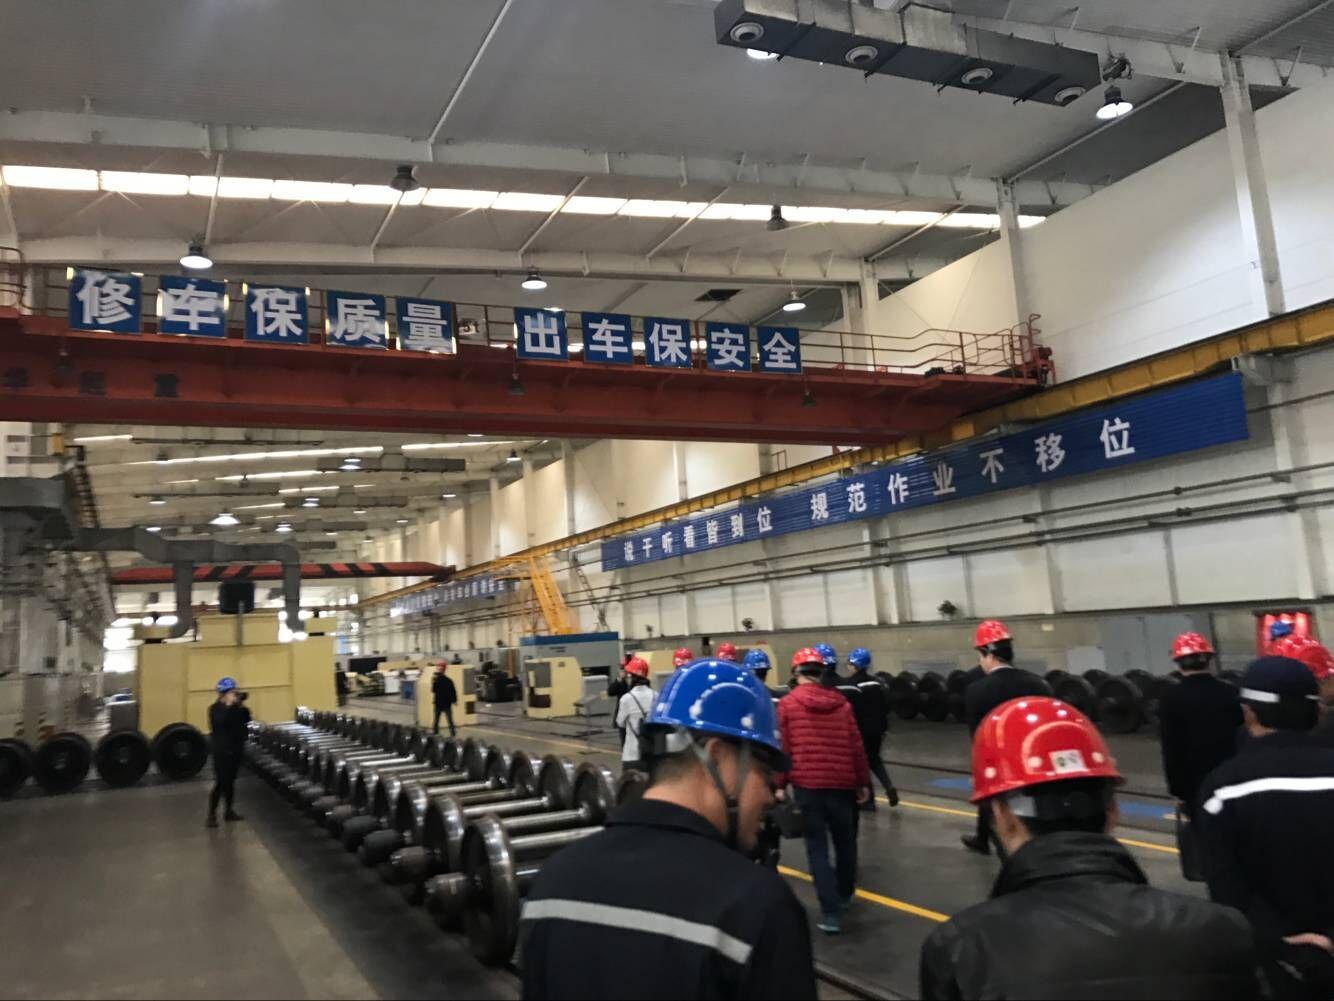 神华铁路货车公司肃宁分公司企业发展概况